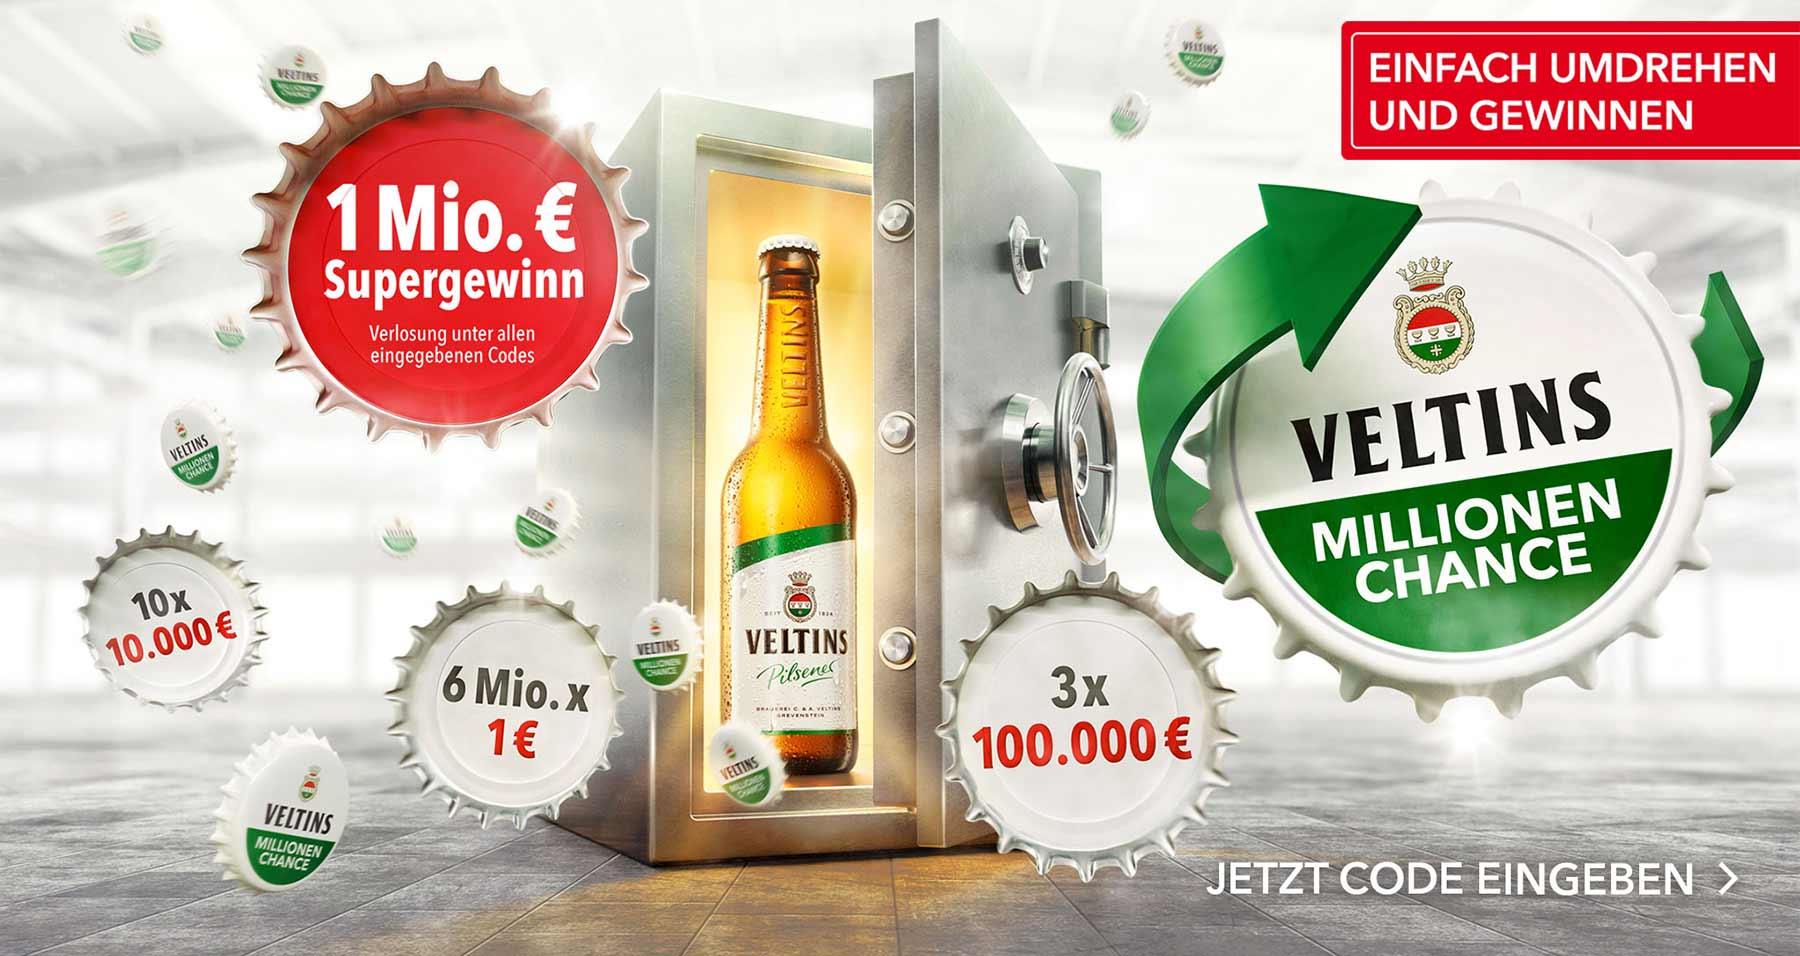 Dieses Bier kommt per Hochsicherheits-Transport Veltins-Die-Millionen-Chance_02